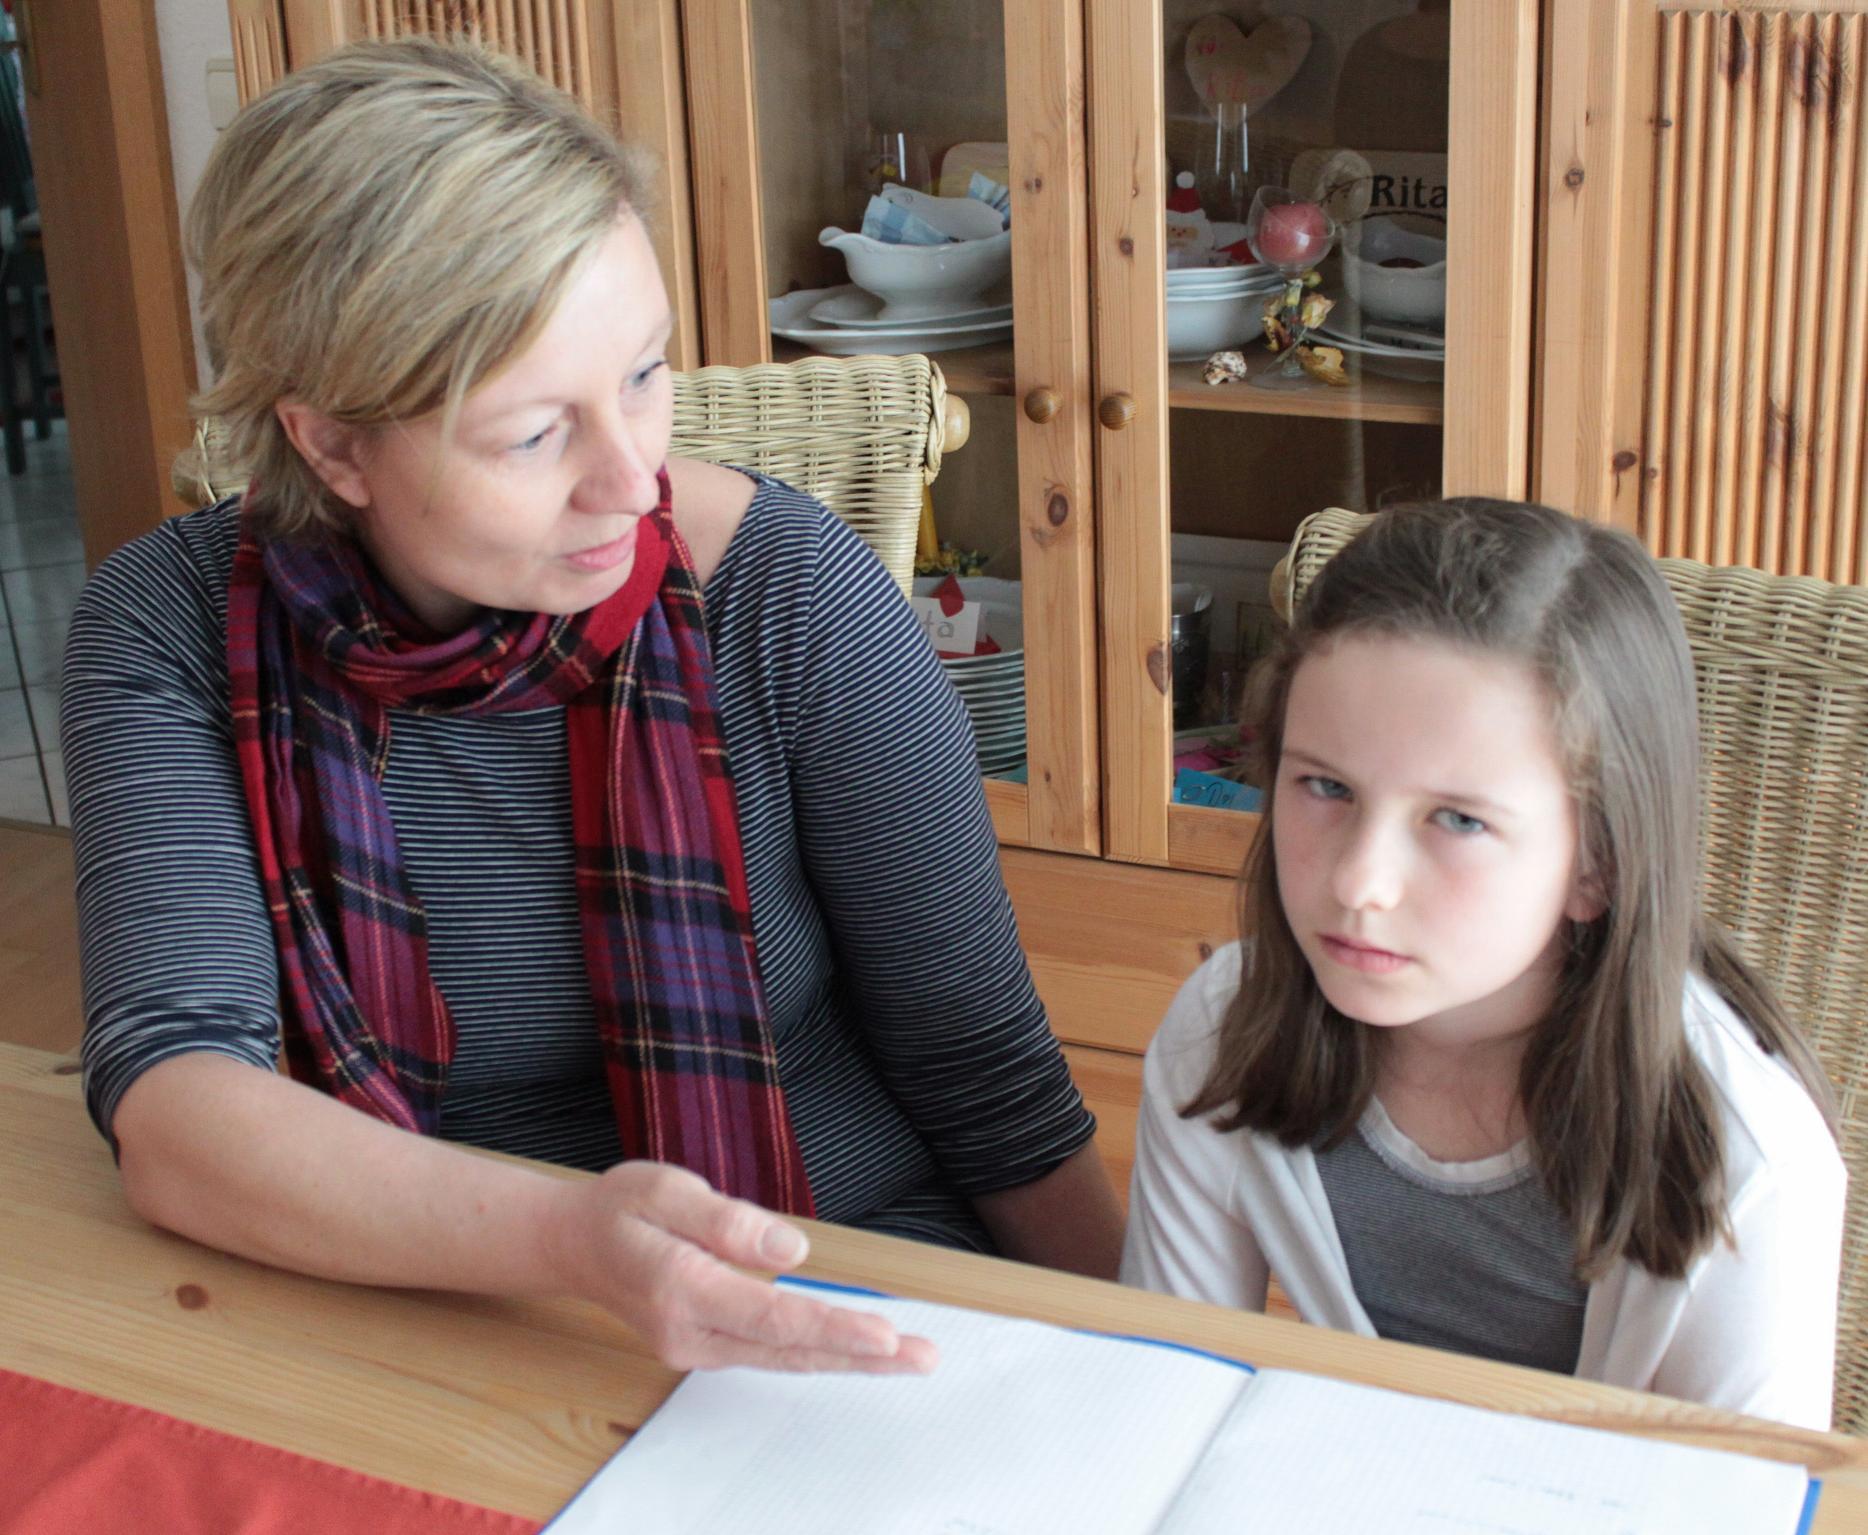 Legasthenie, LRS, Lese Rechtschreibschwäche Spielend überwinden Mit Crealern